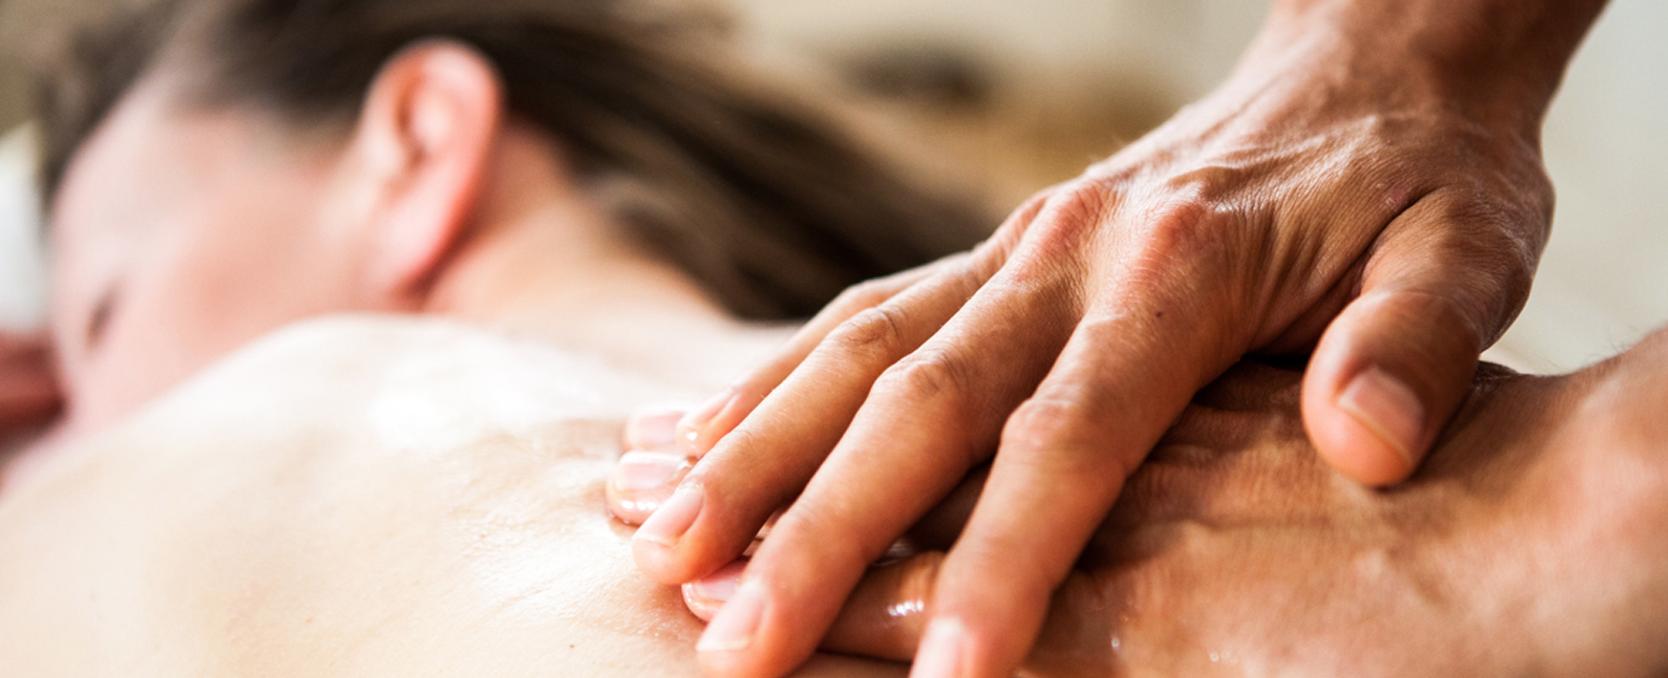 mand til mand massage københavns bedste thai massage